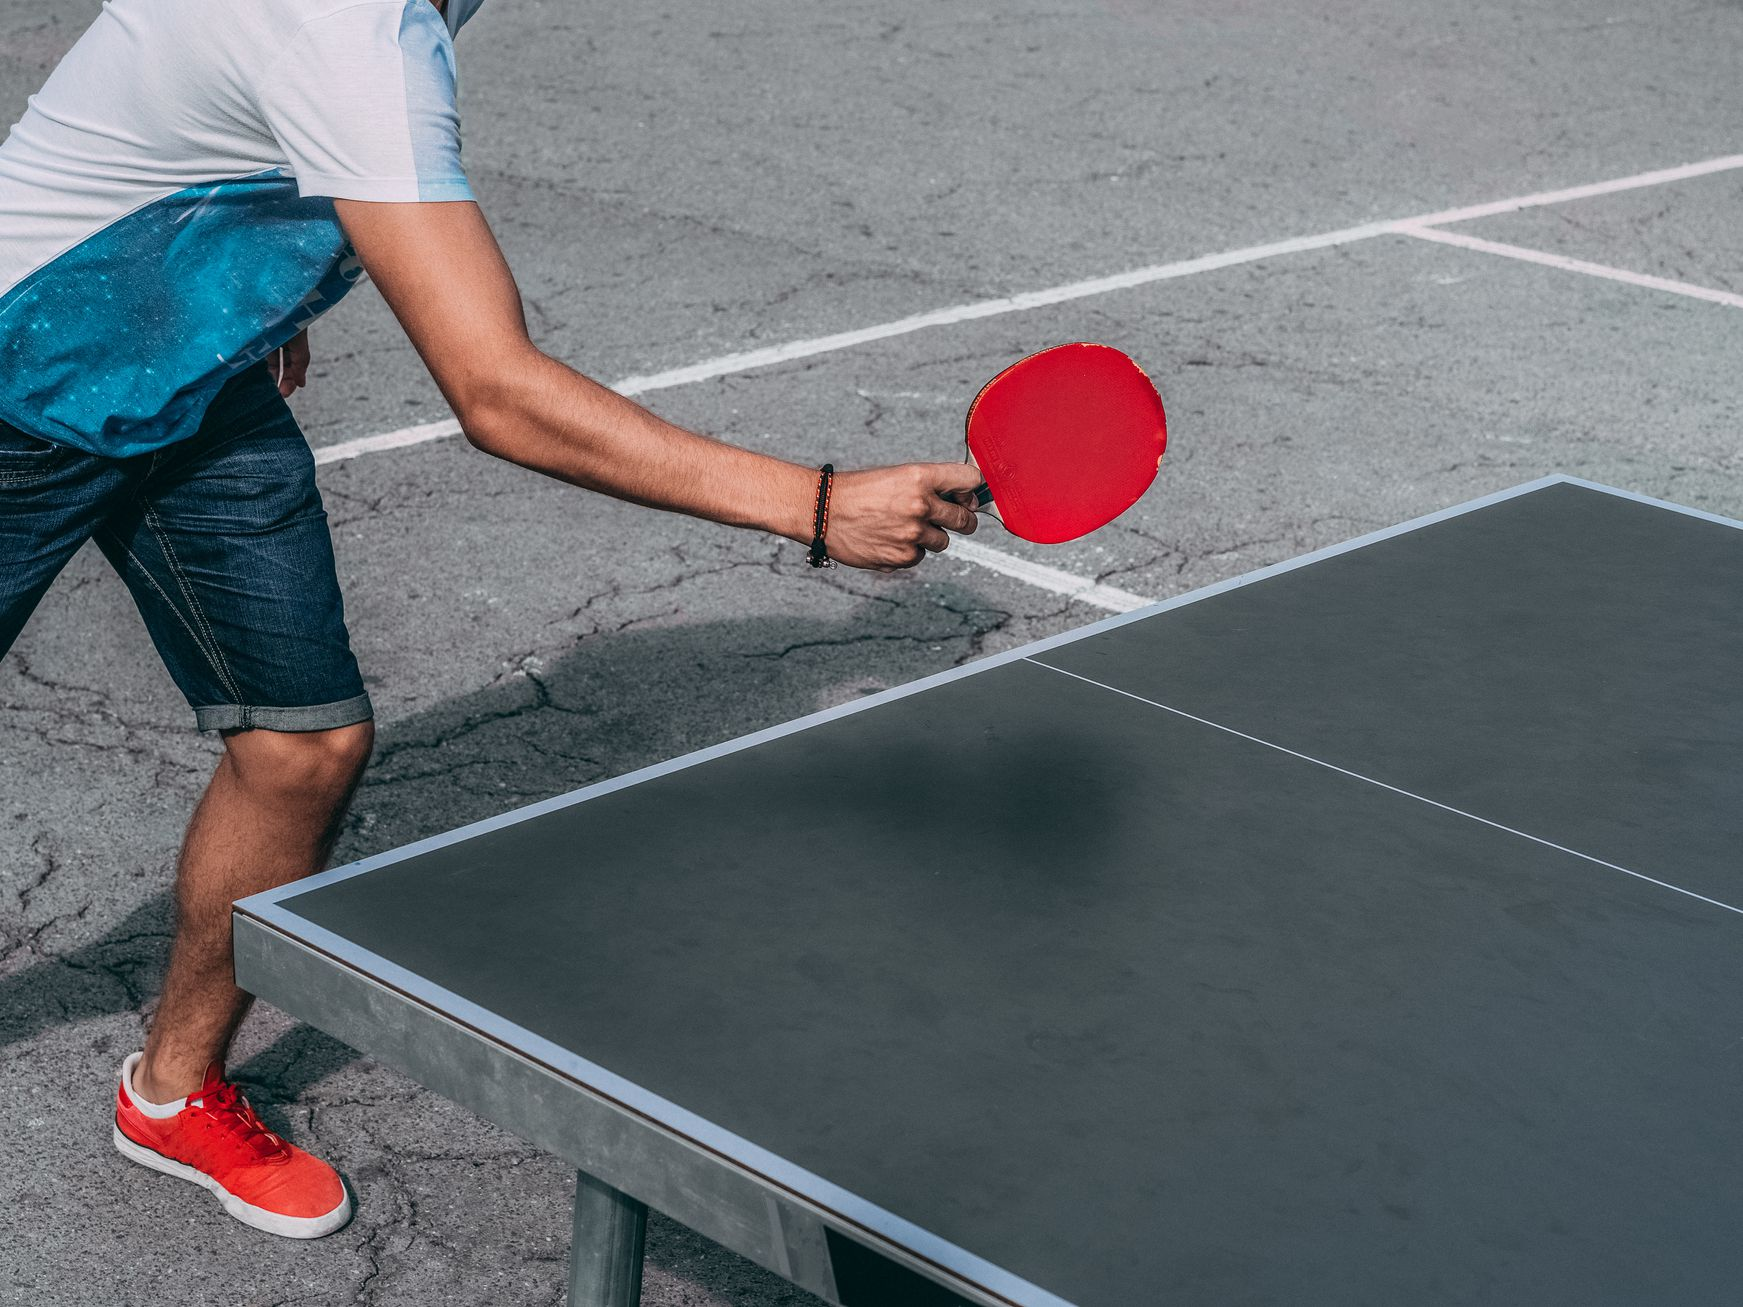 Kiểm soát sức mạnh cũng là một phần quan trọng của bóng bàn